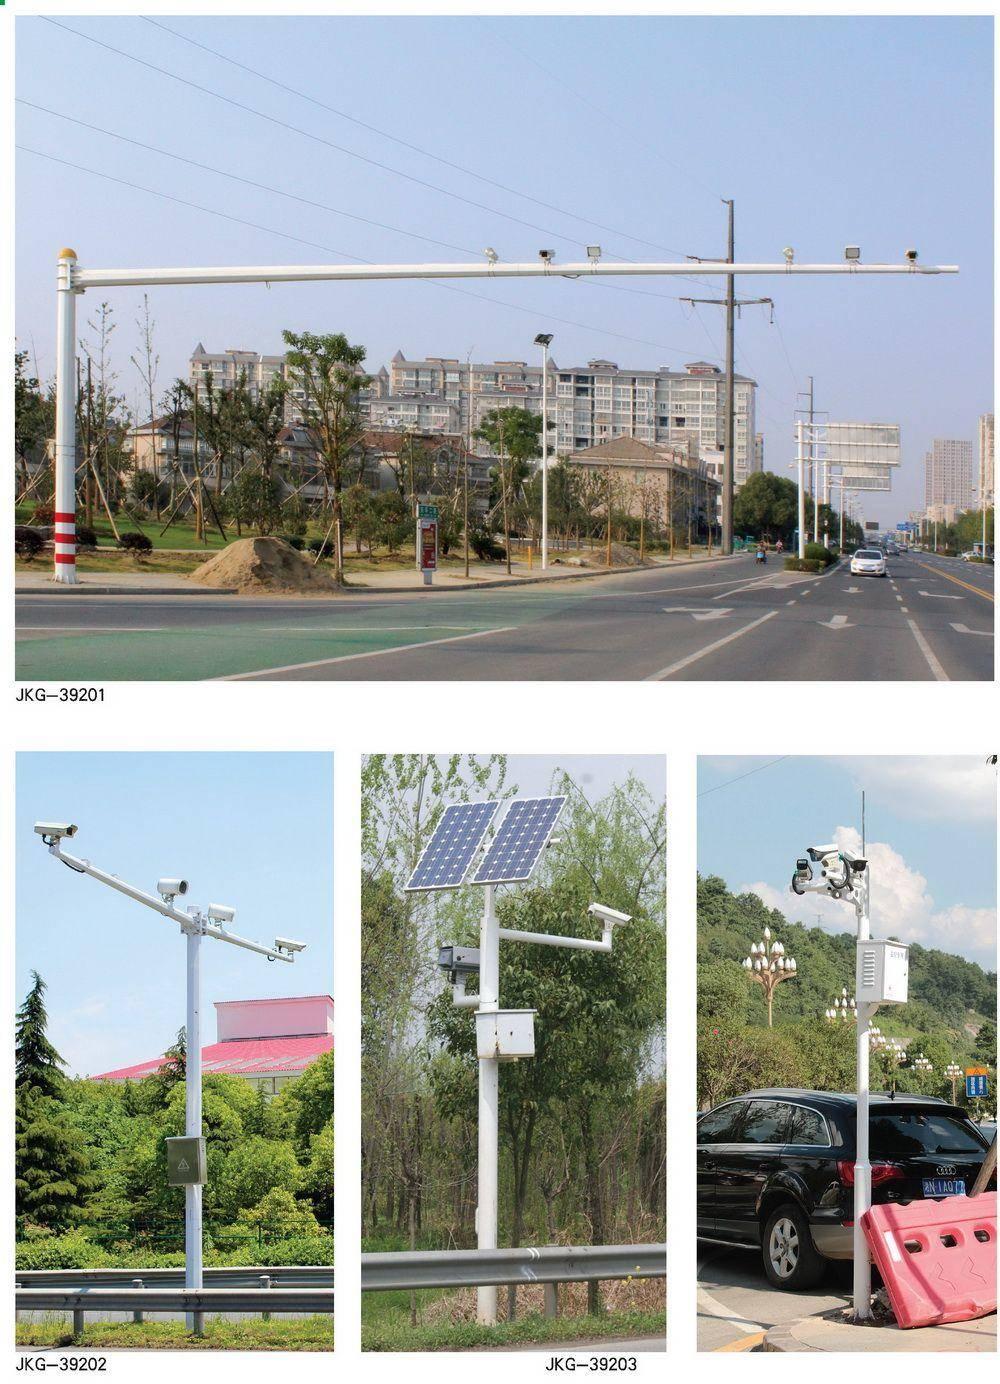 监控杆/信号灯系列-392